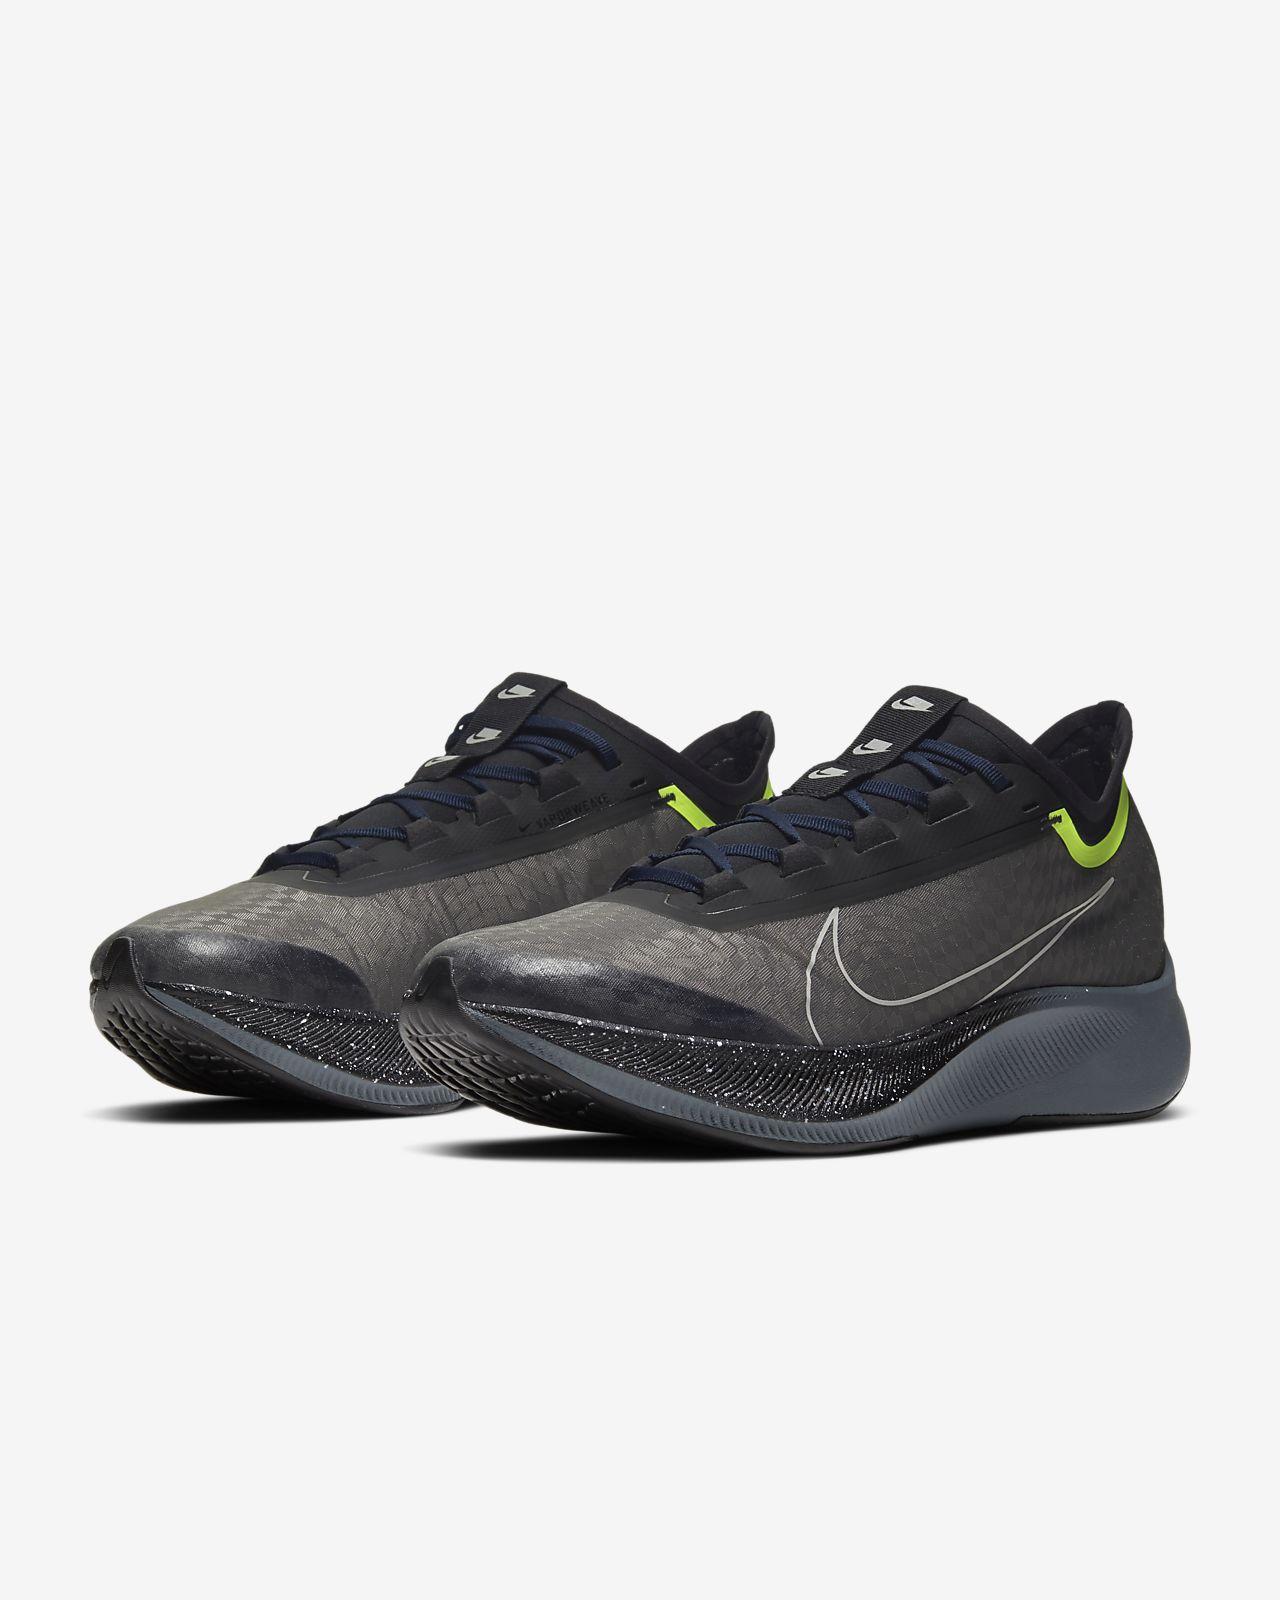 Uomo Premium 3 da Fly Nike Scarpa running Zoom P0wOnk